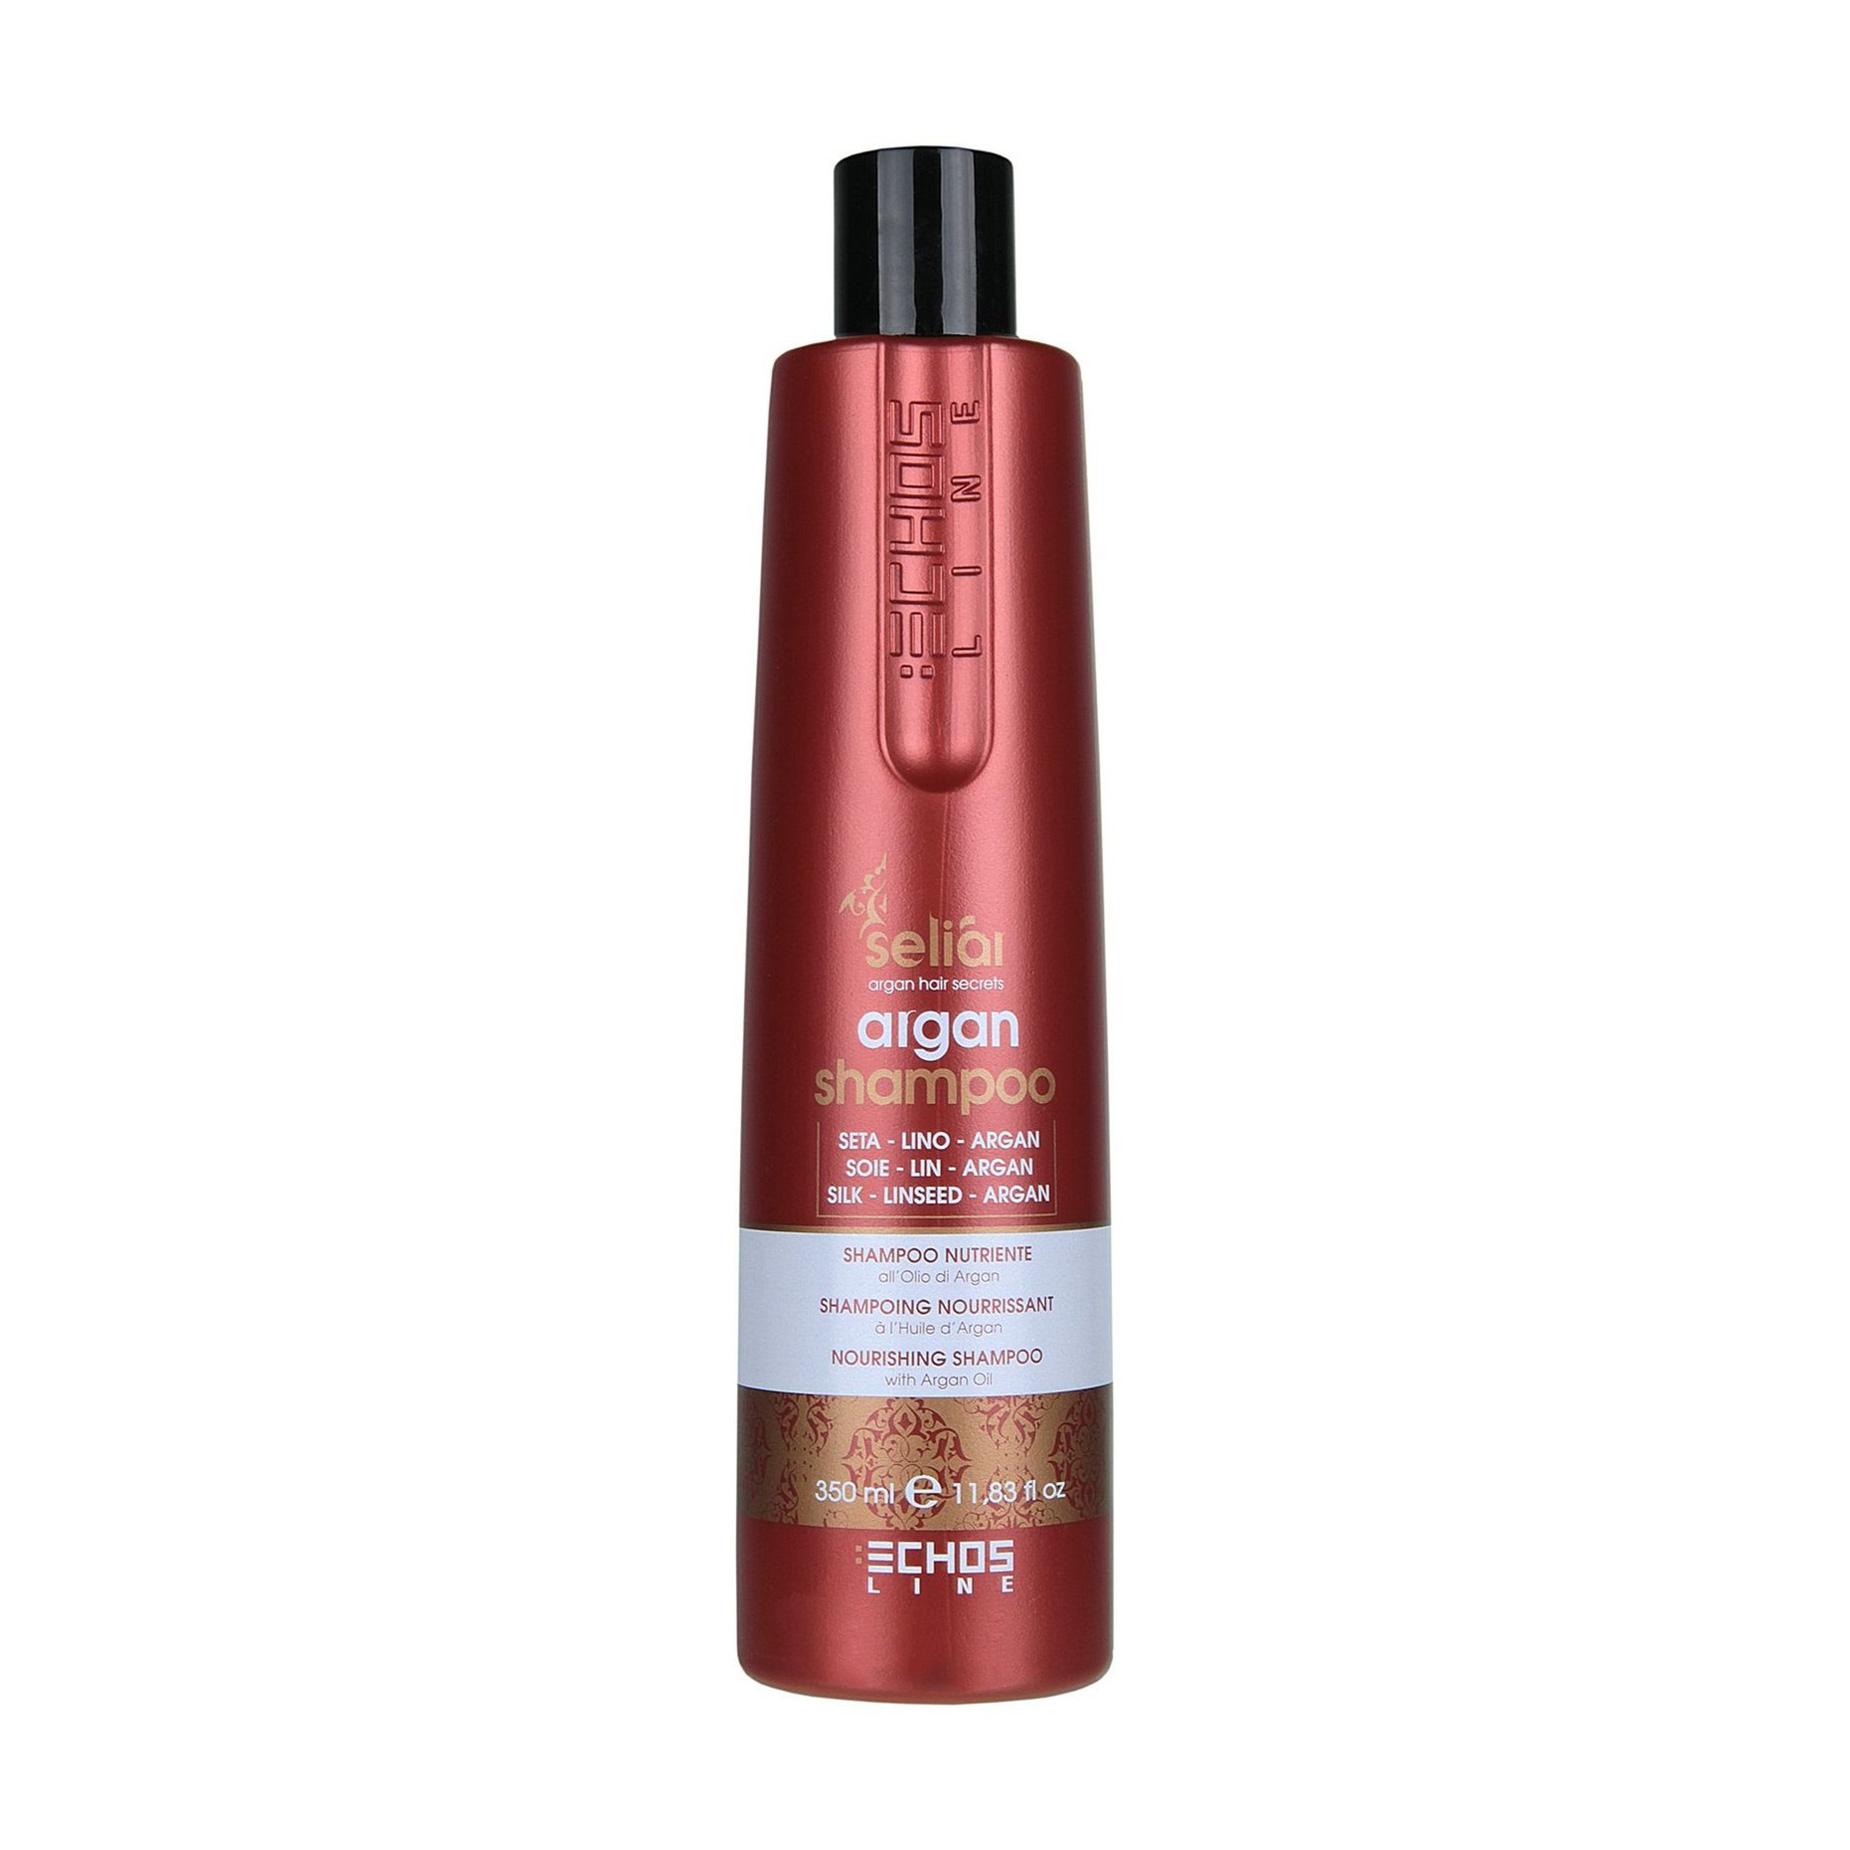 Купить Шампунь для волос Echos Line Seliar с аргановым маслом, 350 мл